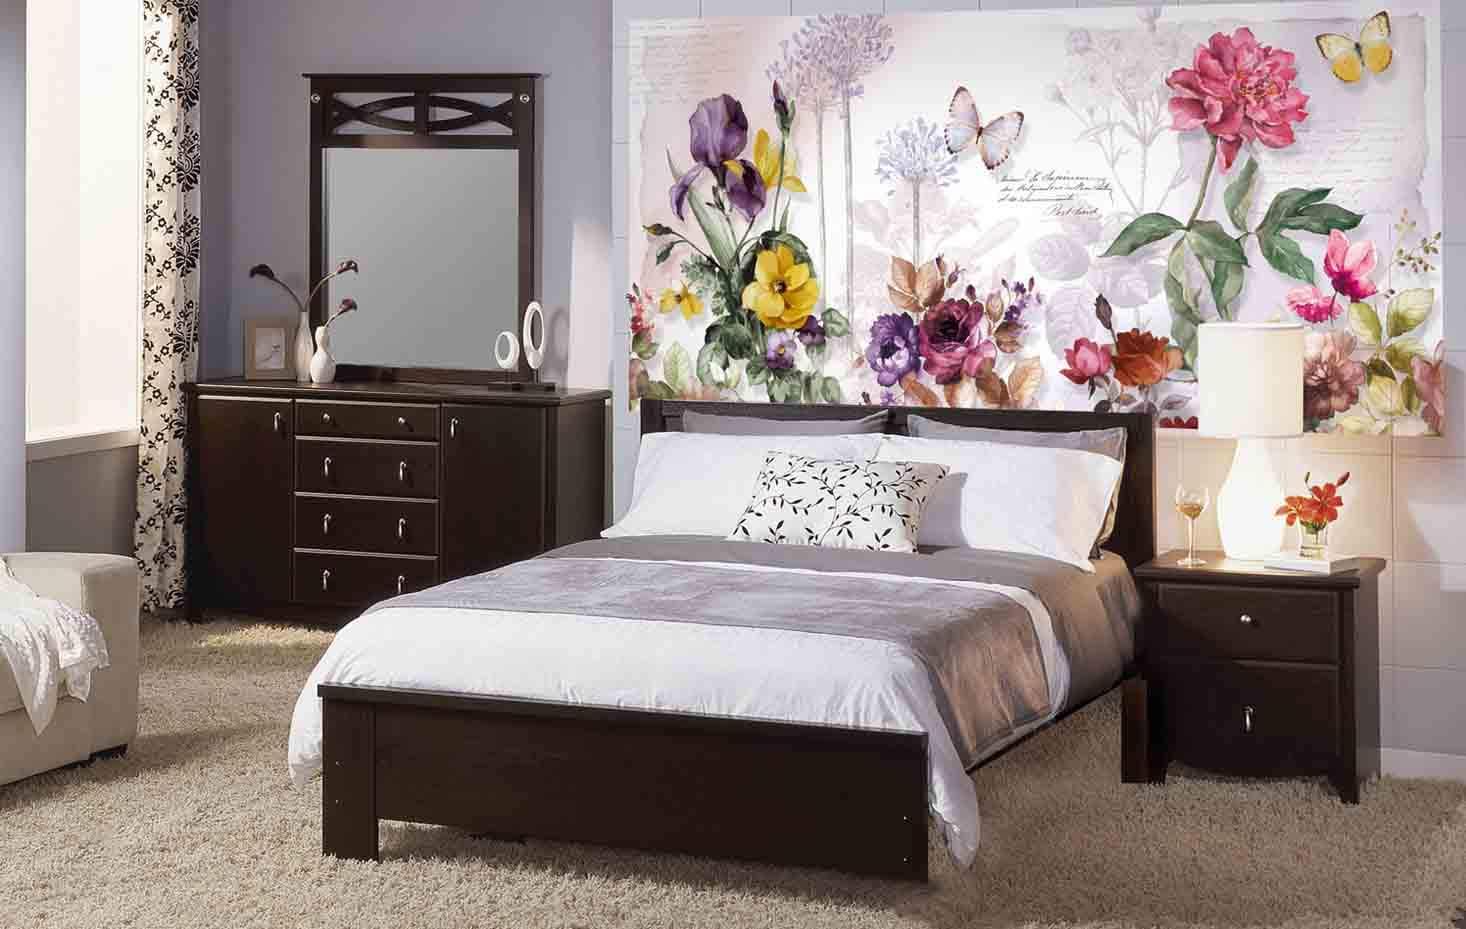 Дизайн спальни - 200 фото идей оформления интерьера спальни